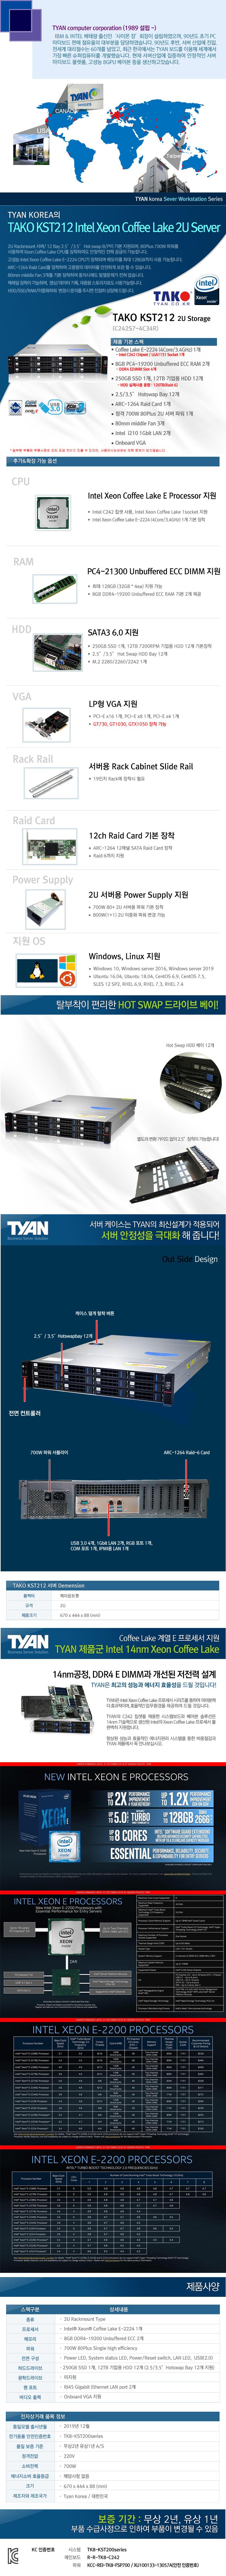 TYAN TAKO-KST212-(C242S7-4C34R) (16GB, SSD 250GB + 120TB)